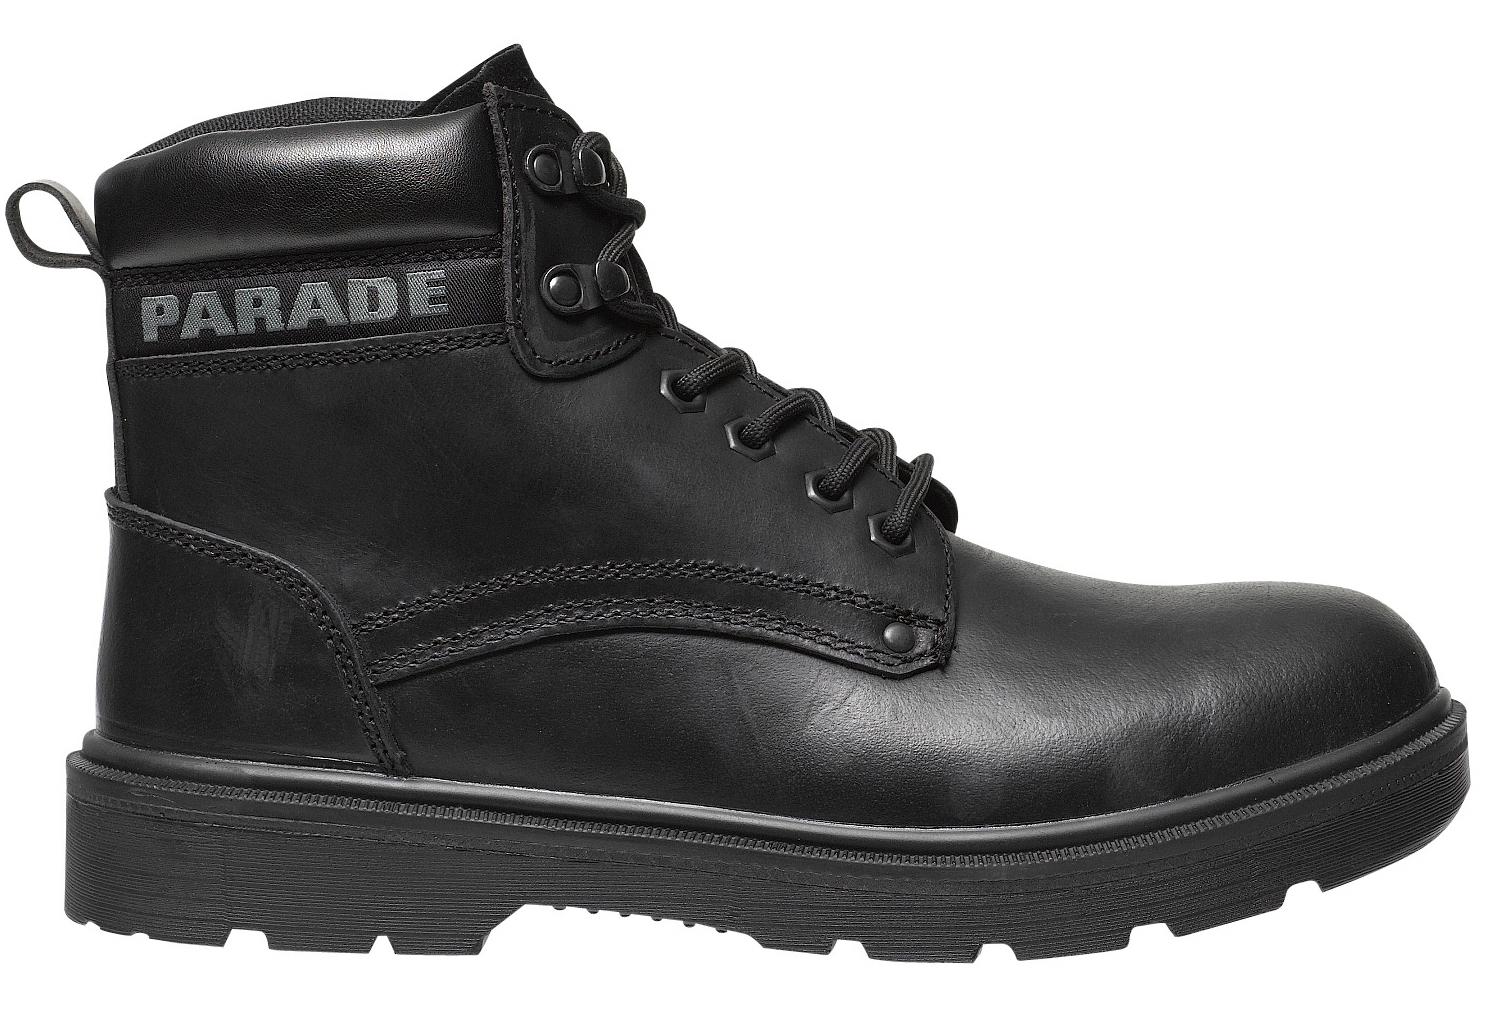 b2a52d5378b407 Acheter Chaussure de securite Parade Kansas 8804